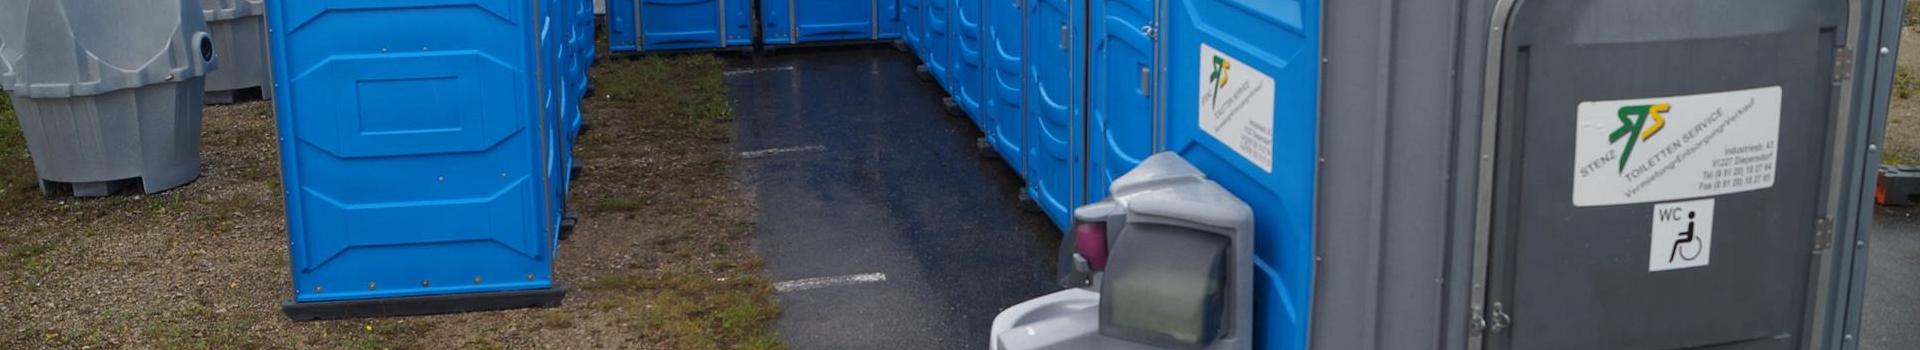 Stenz-Toiletten-Service-toilette-behinderdetngerecht